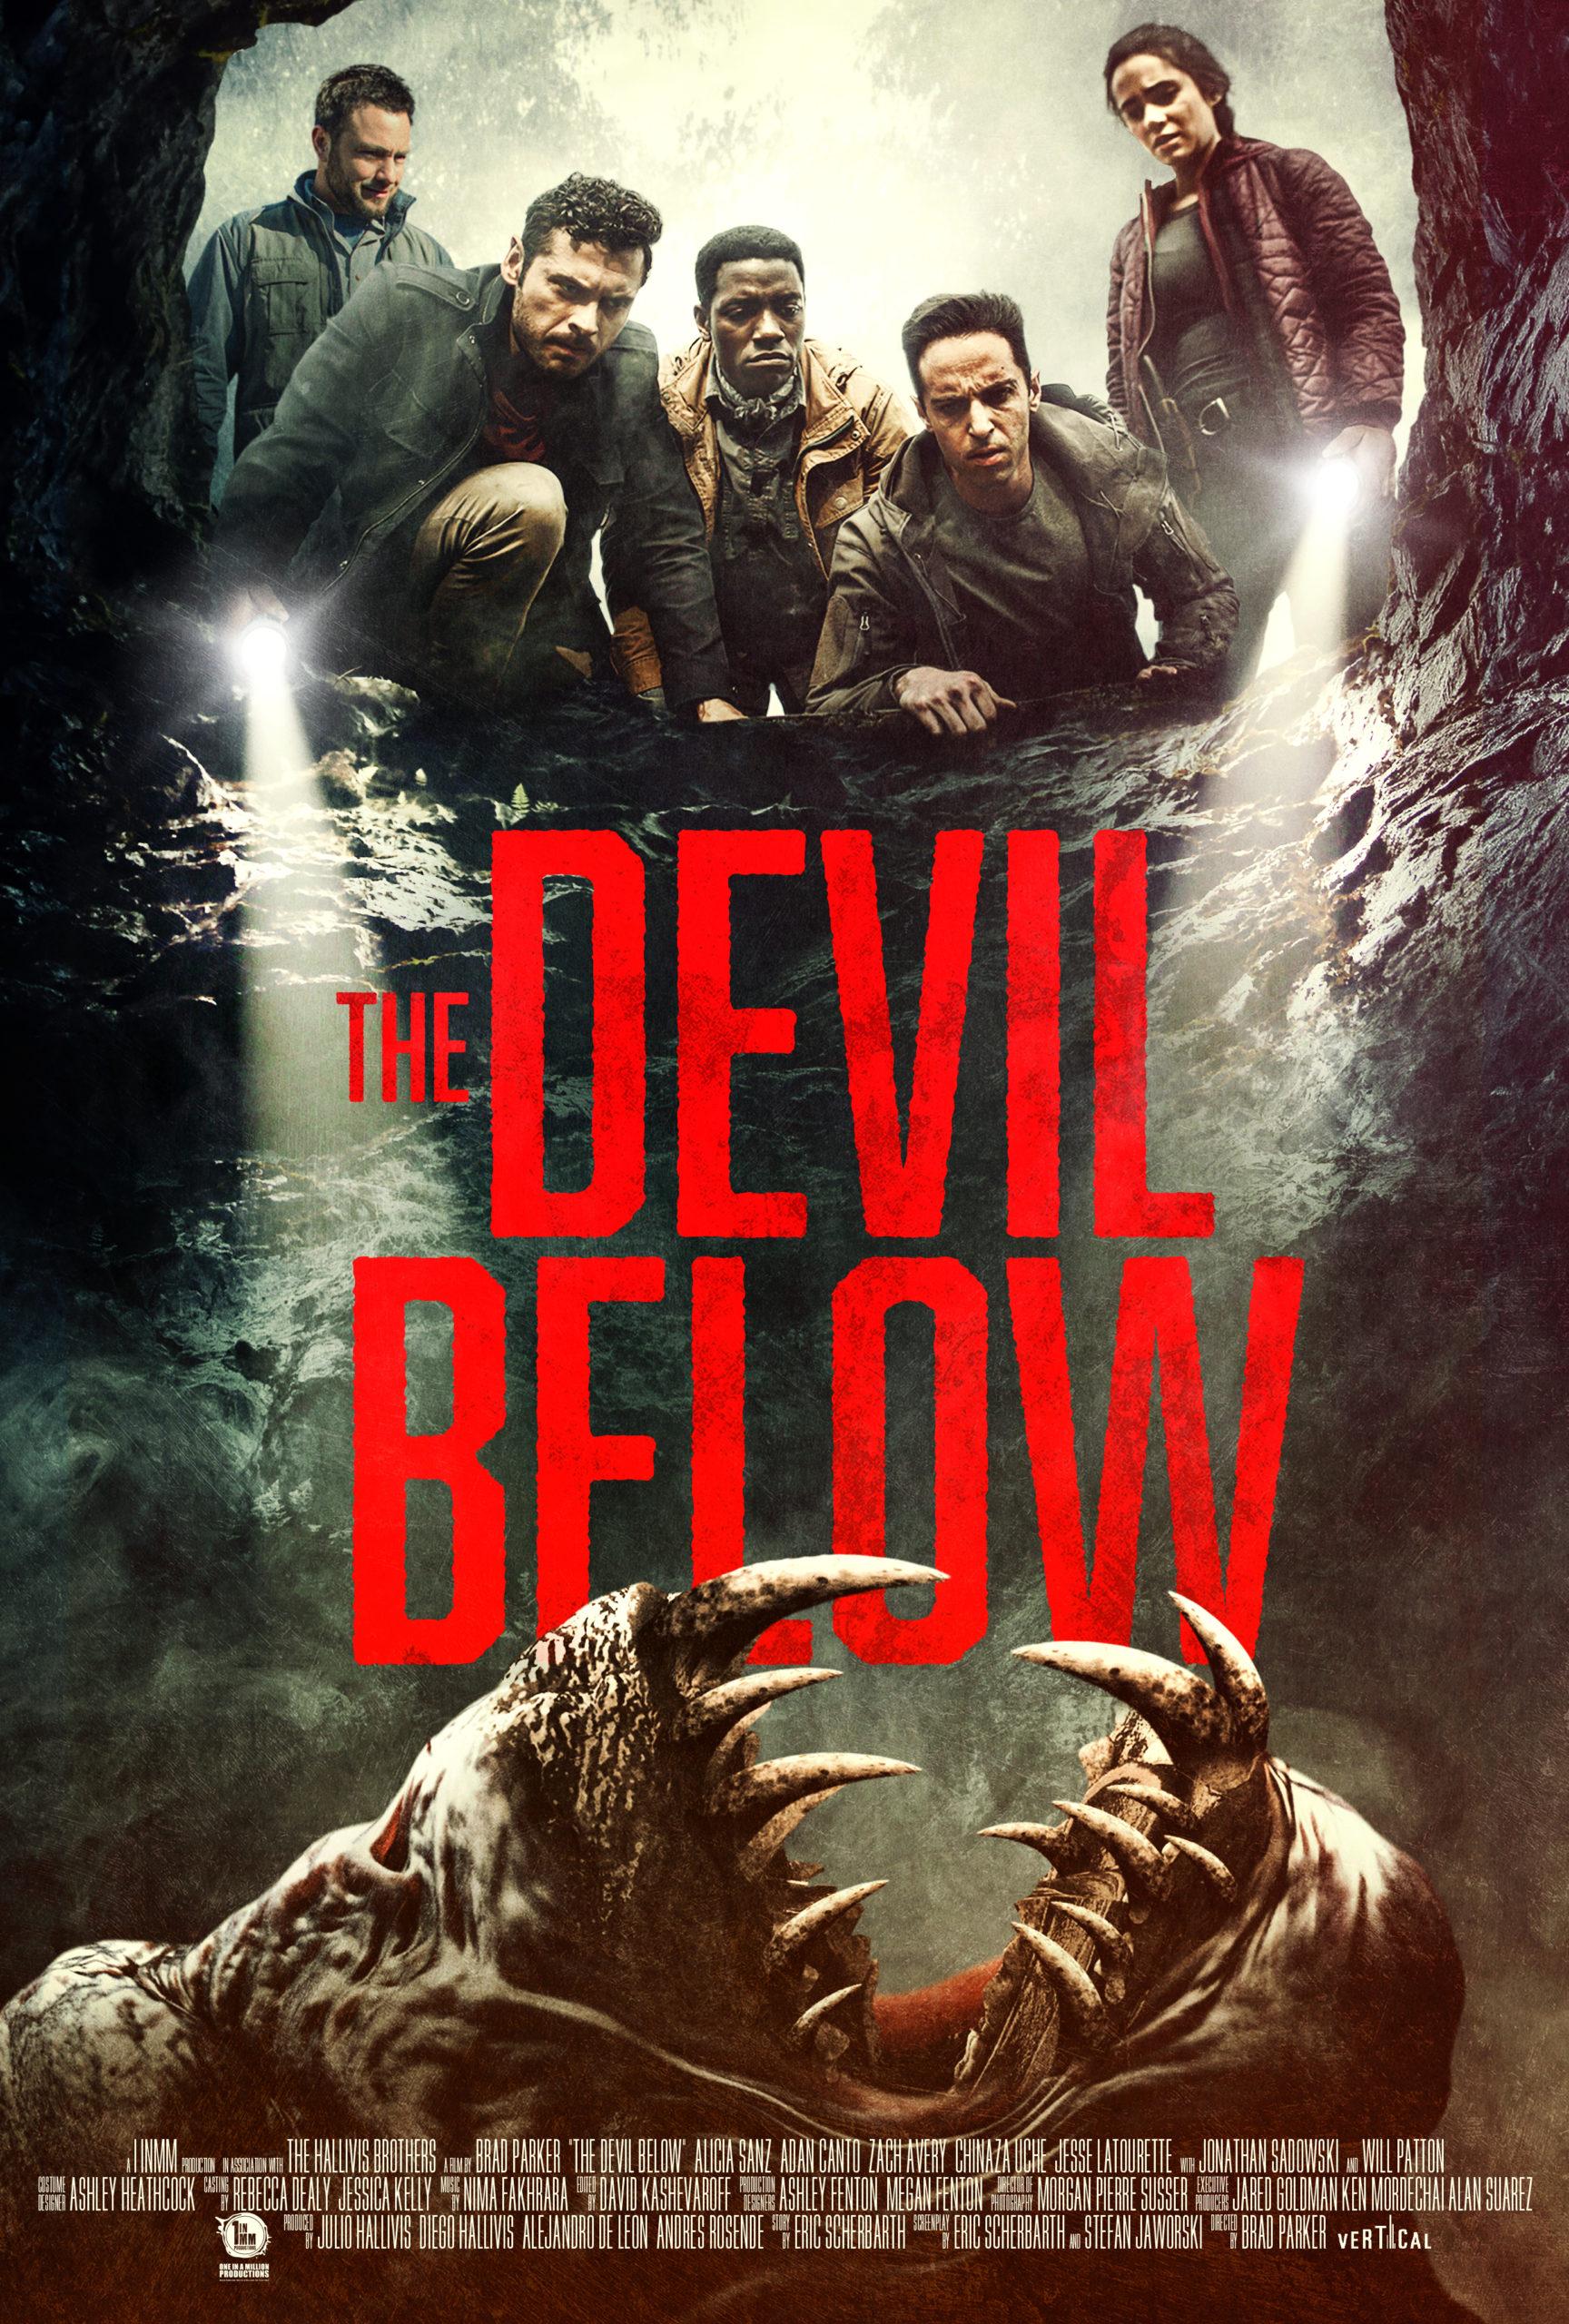 The Devil Below poster AARP